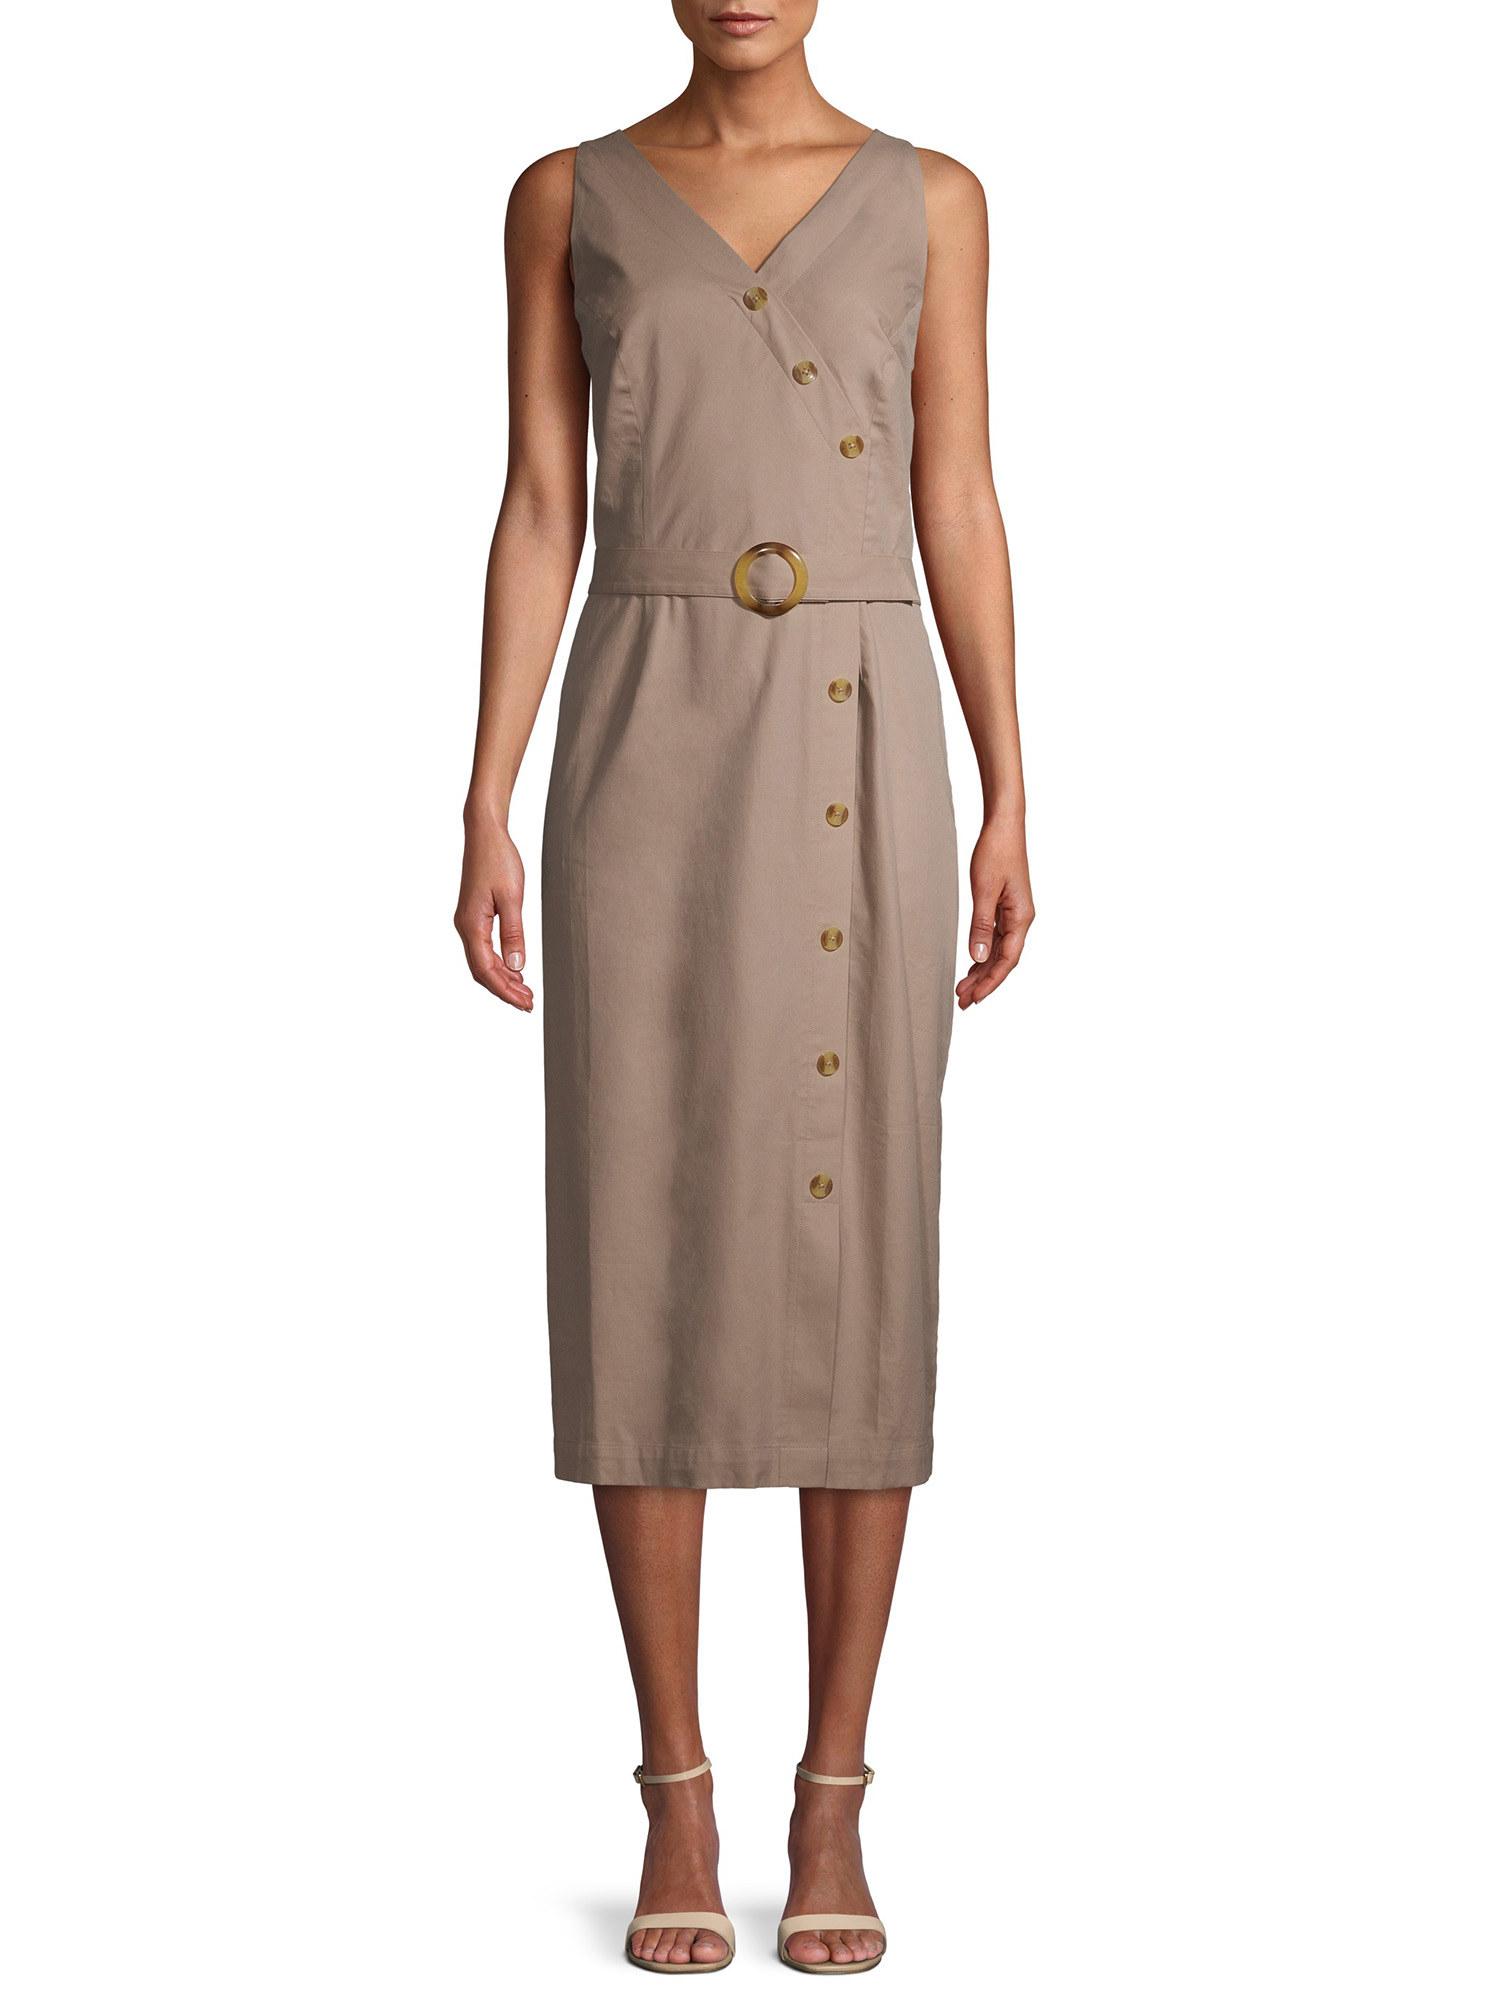 a model in the dress in tan